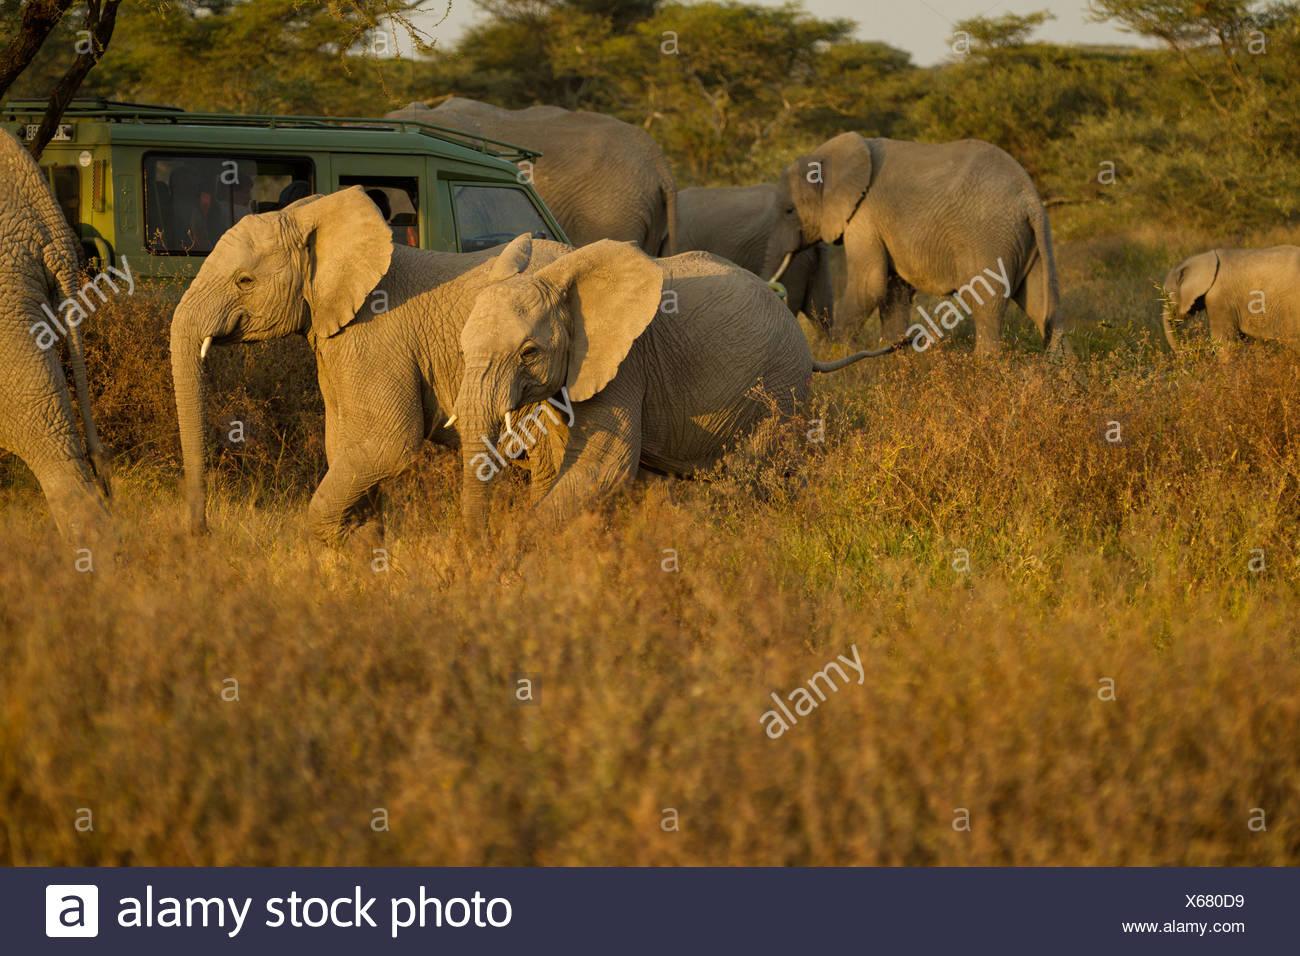 Les éléphants véhicule safari surround Photo Stock